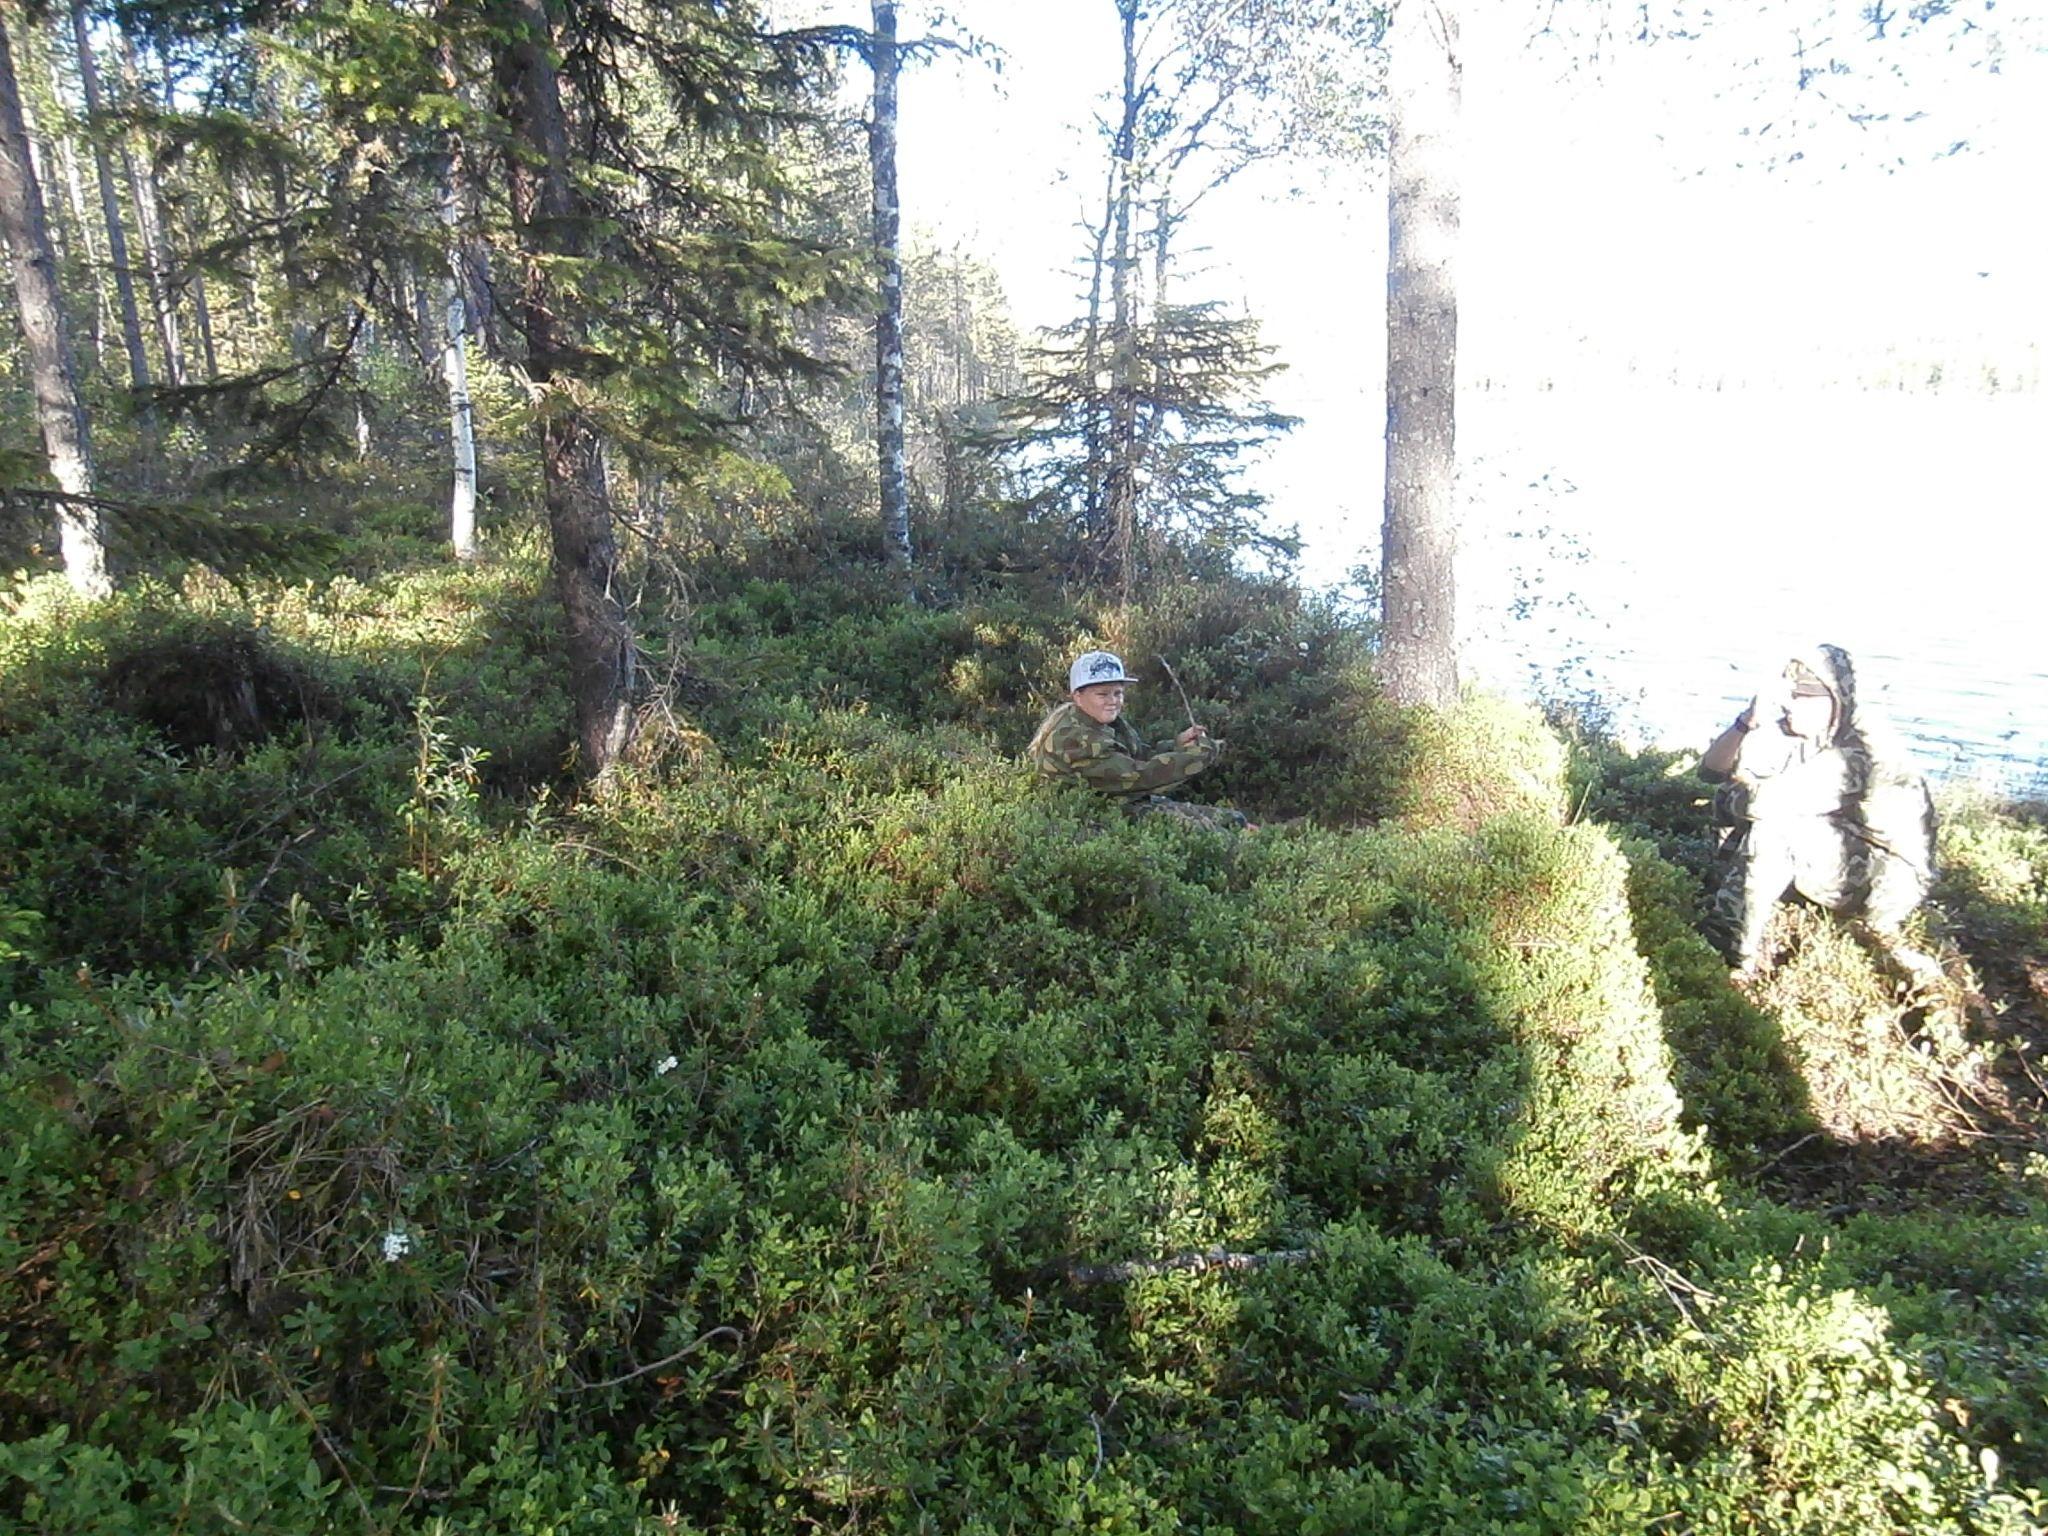 Metsä rauhoittaa, jo 15 minuutin oleskelu luonnossa auttaa poistamaan stressiä.